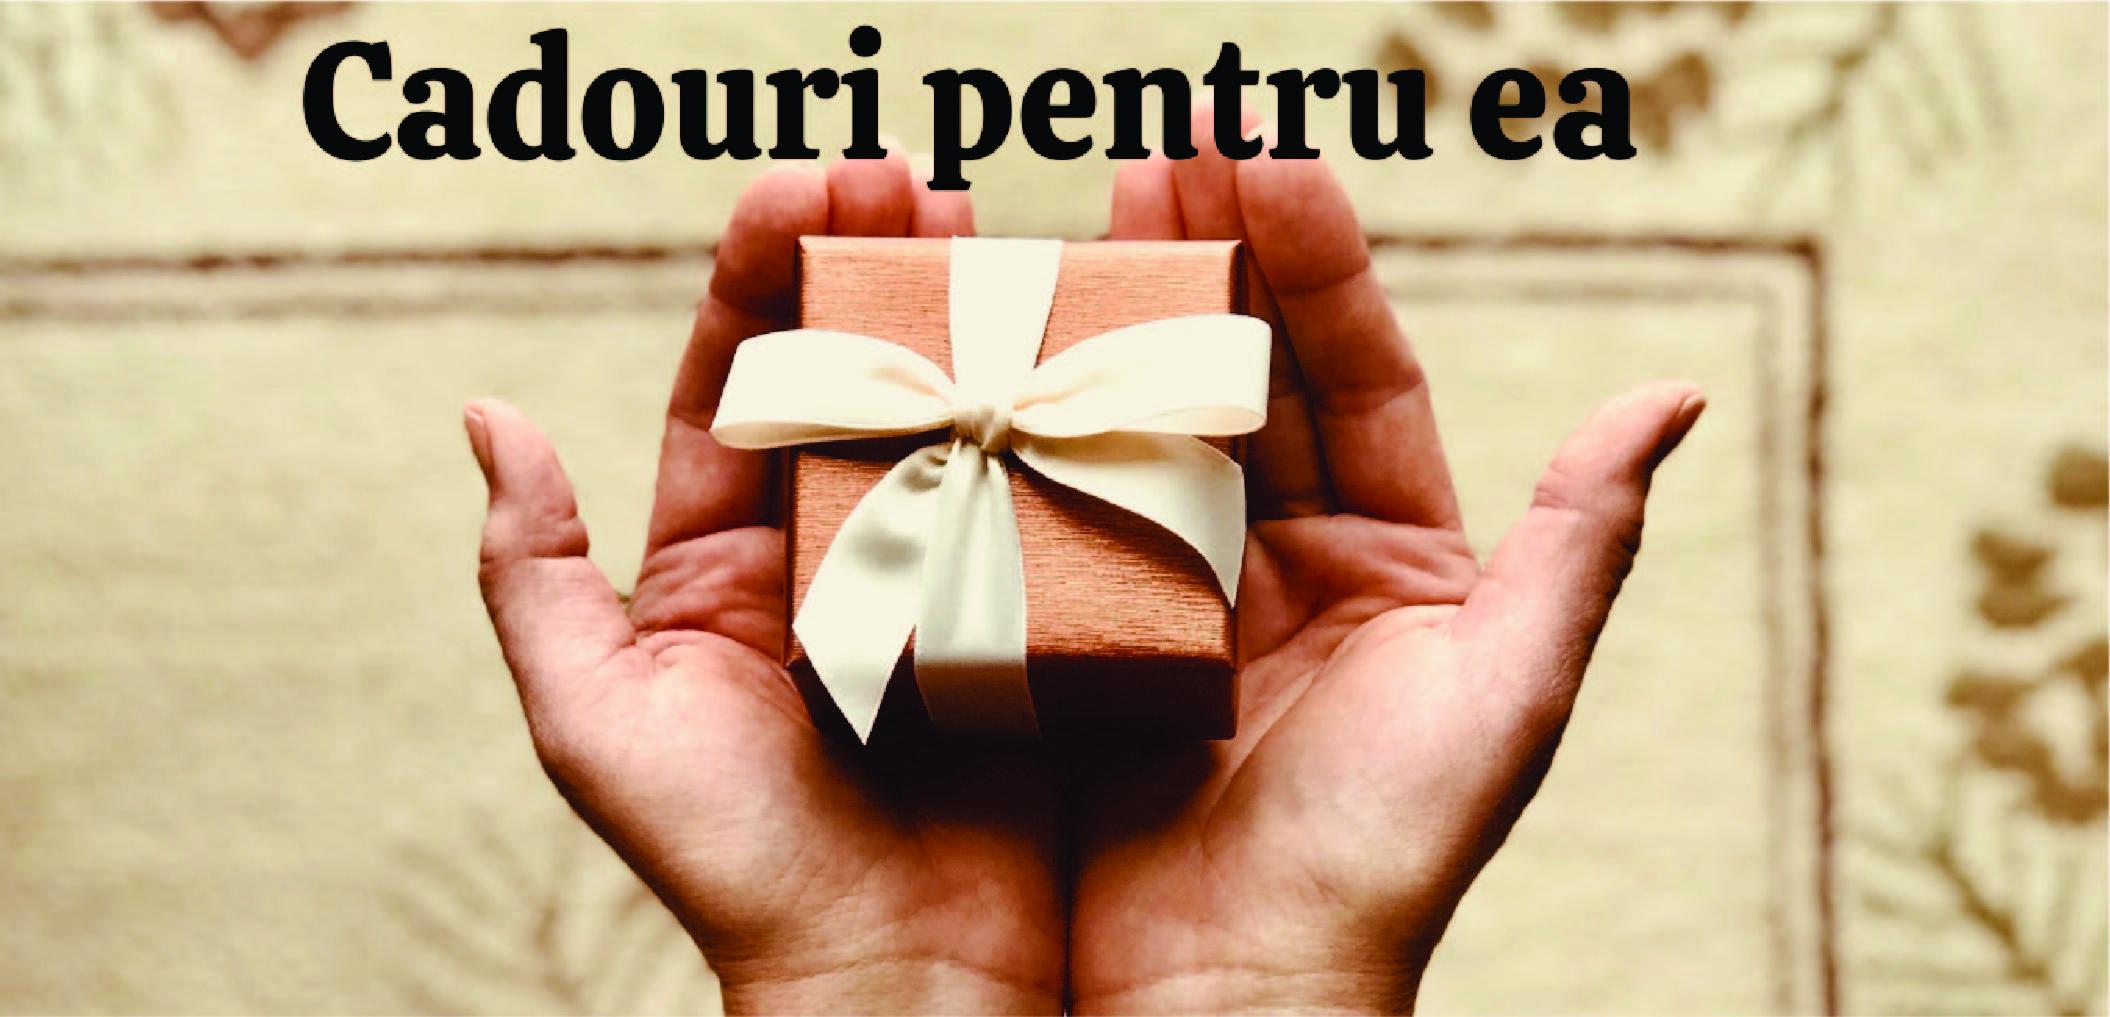 Cadouri personalizate pentru ea